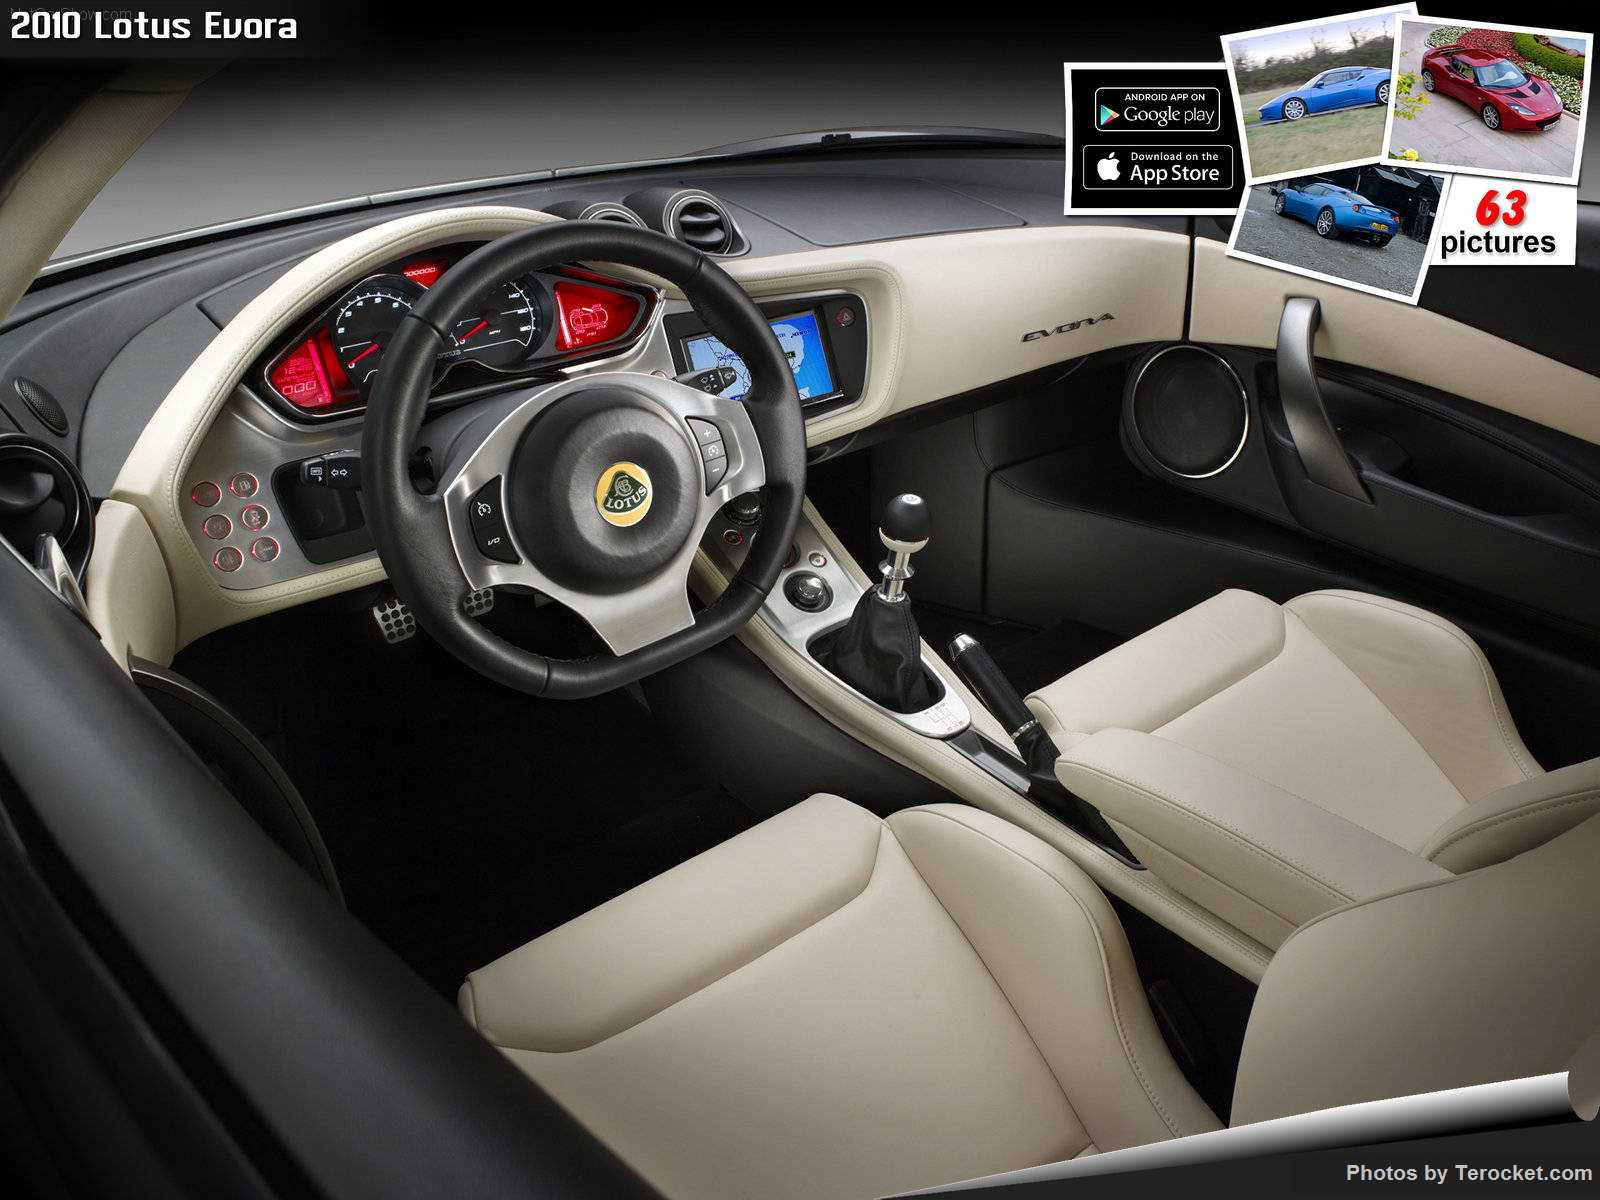 Hình ảnh siêu xe Lotus Evora 2010 & nội ngoại thất